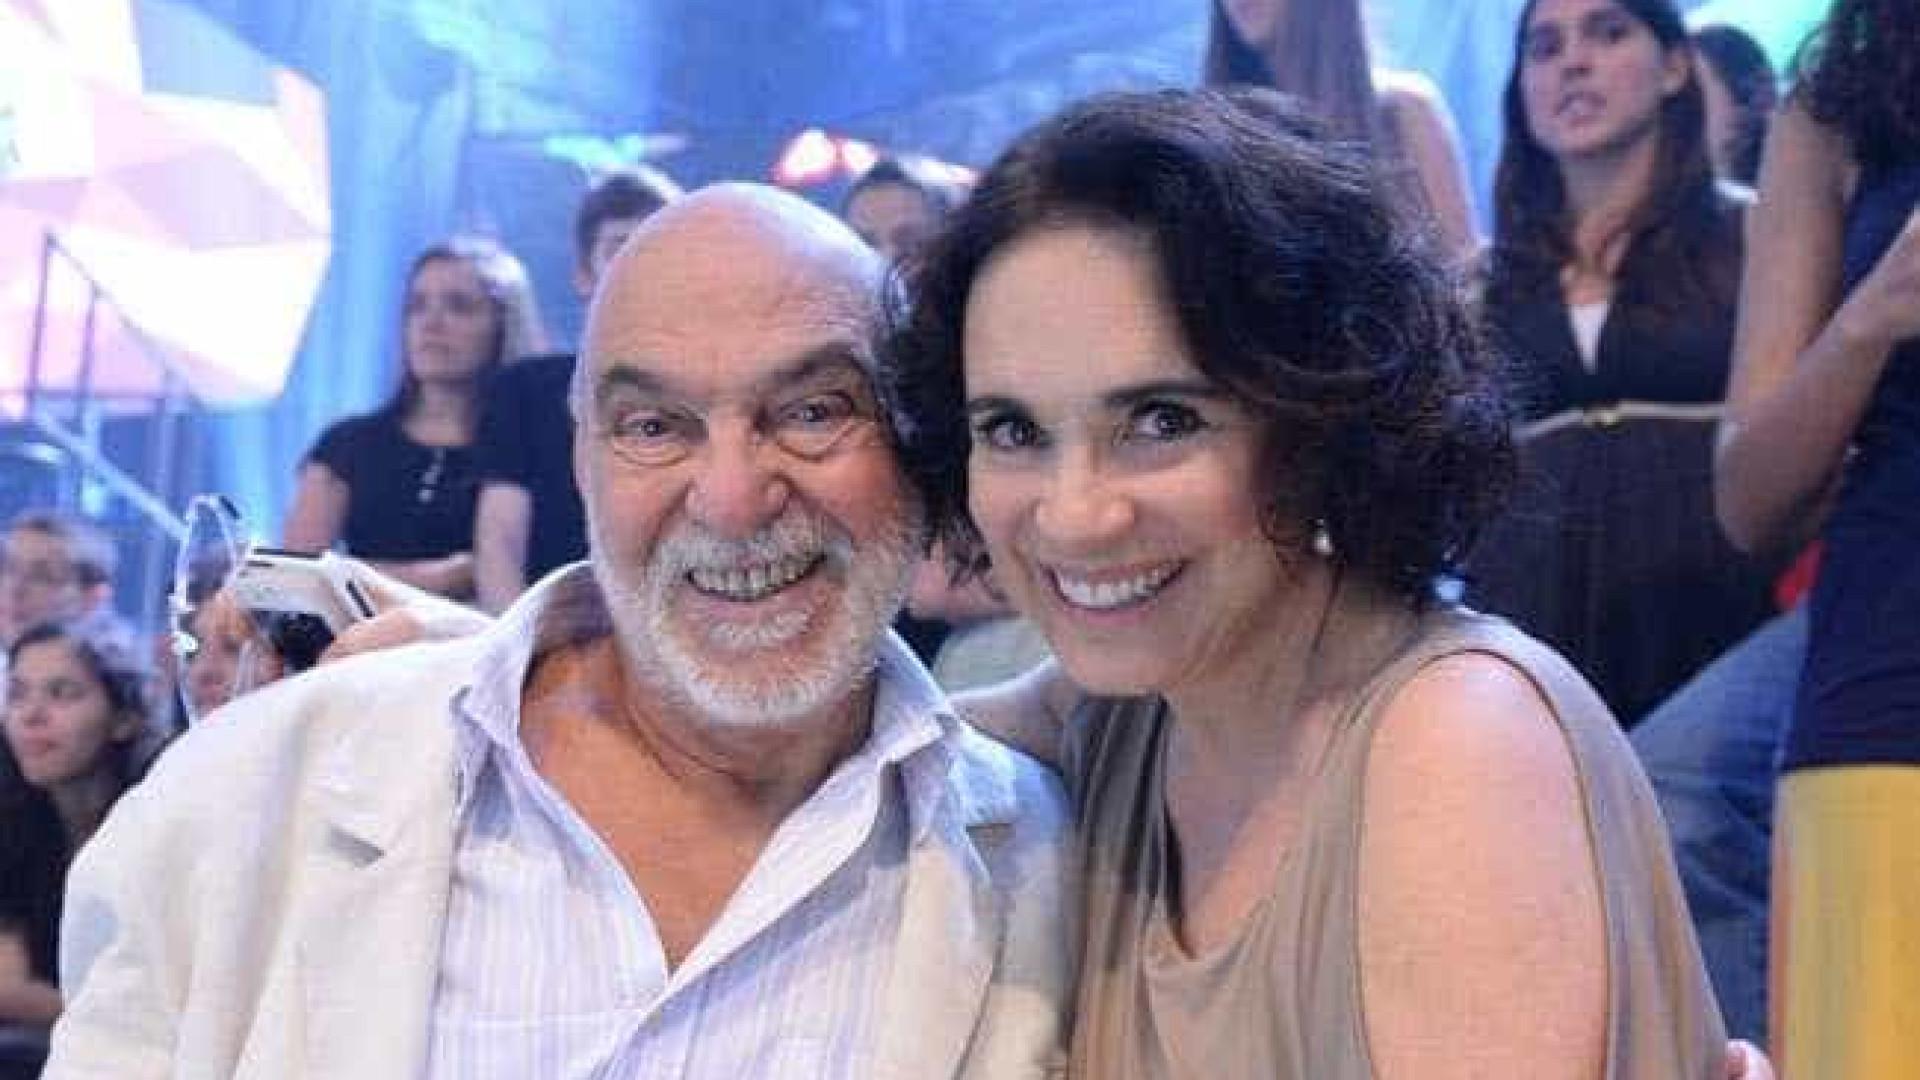 'Ela caiu quando entrou', diz Lima Duarte sobre Regina Duarte